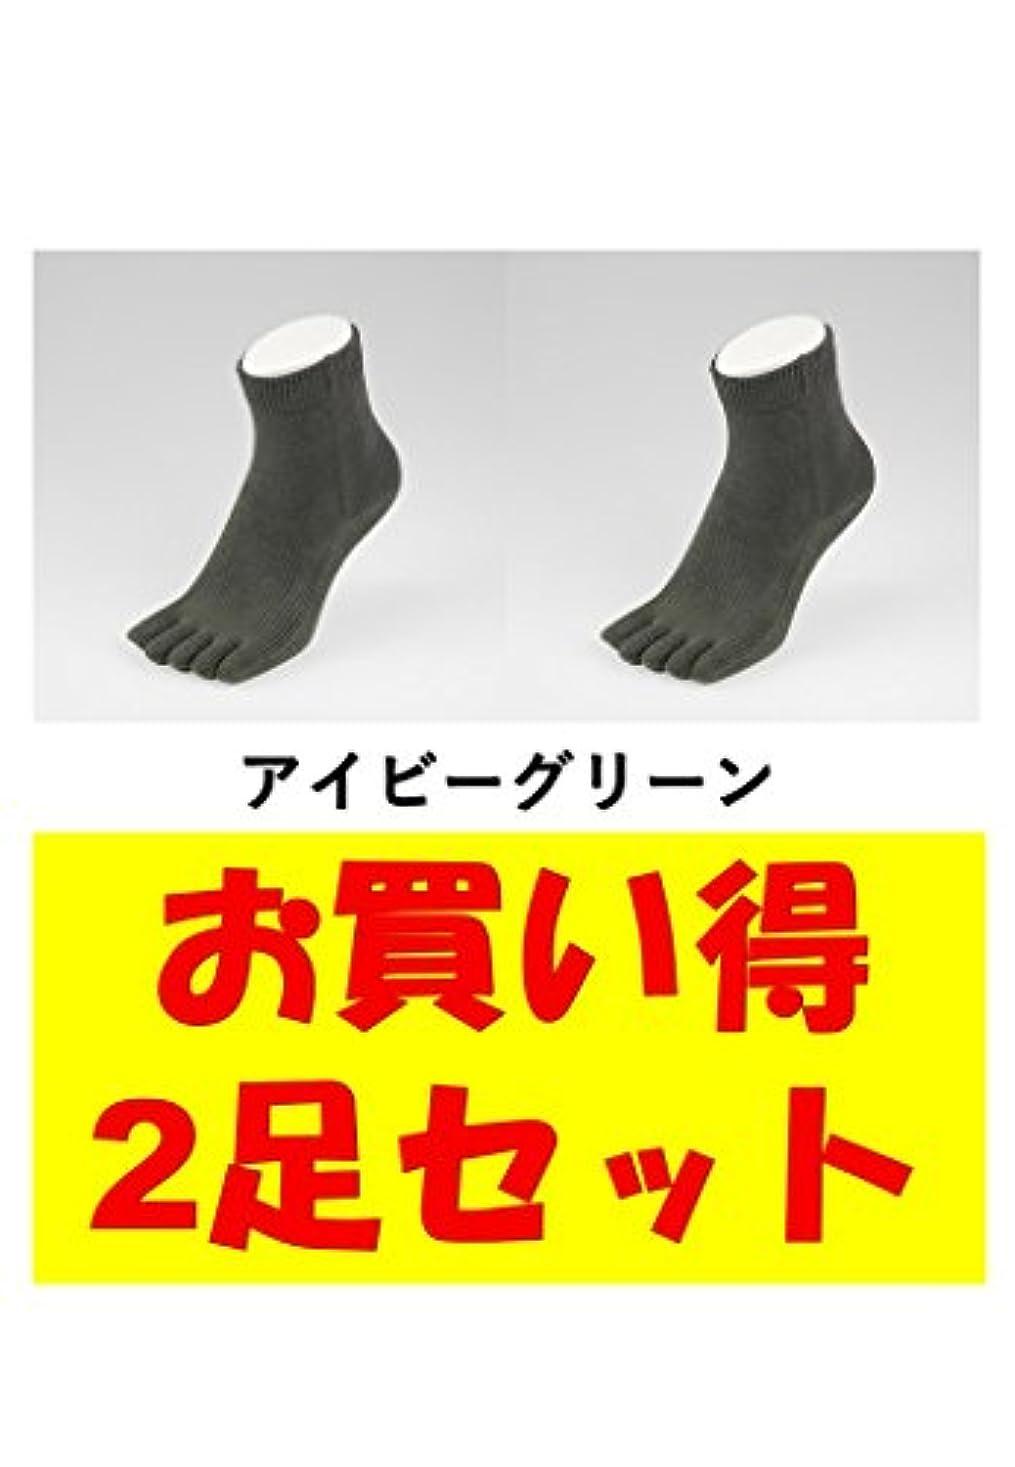 宝ジョセフバンクス革命お買い得2足セット 5本指 ゆびのばソックス Neo EVE(イヴ) アイビーグリーン Sサイズ(21.0cm - 24.0cm) YSNEVE-IGR